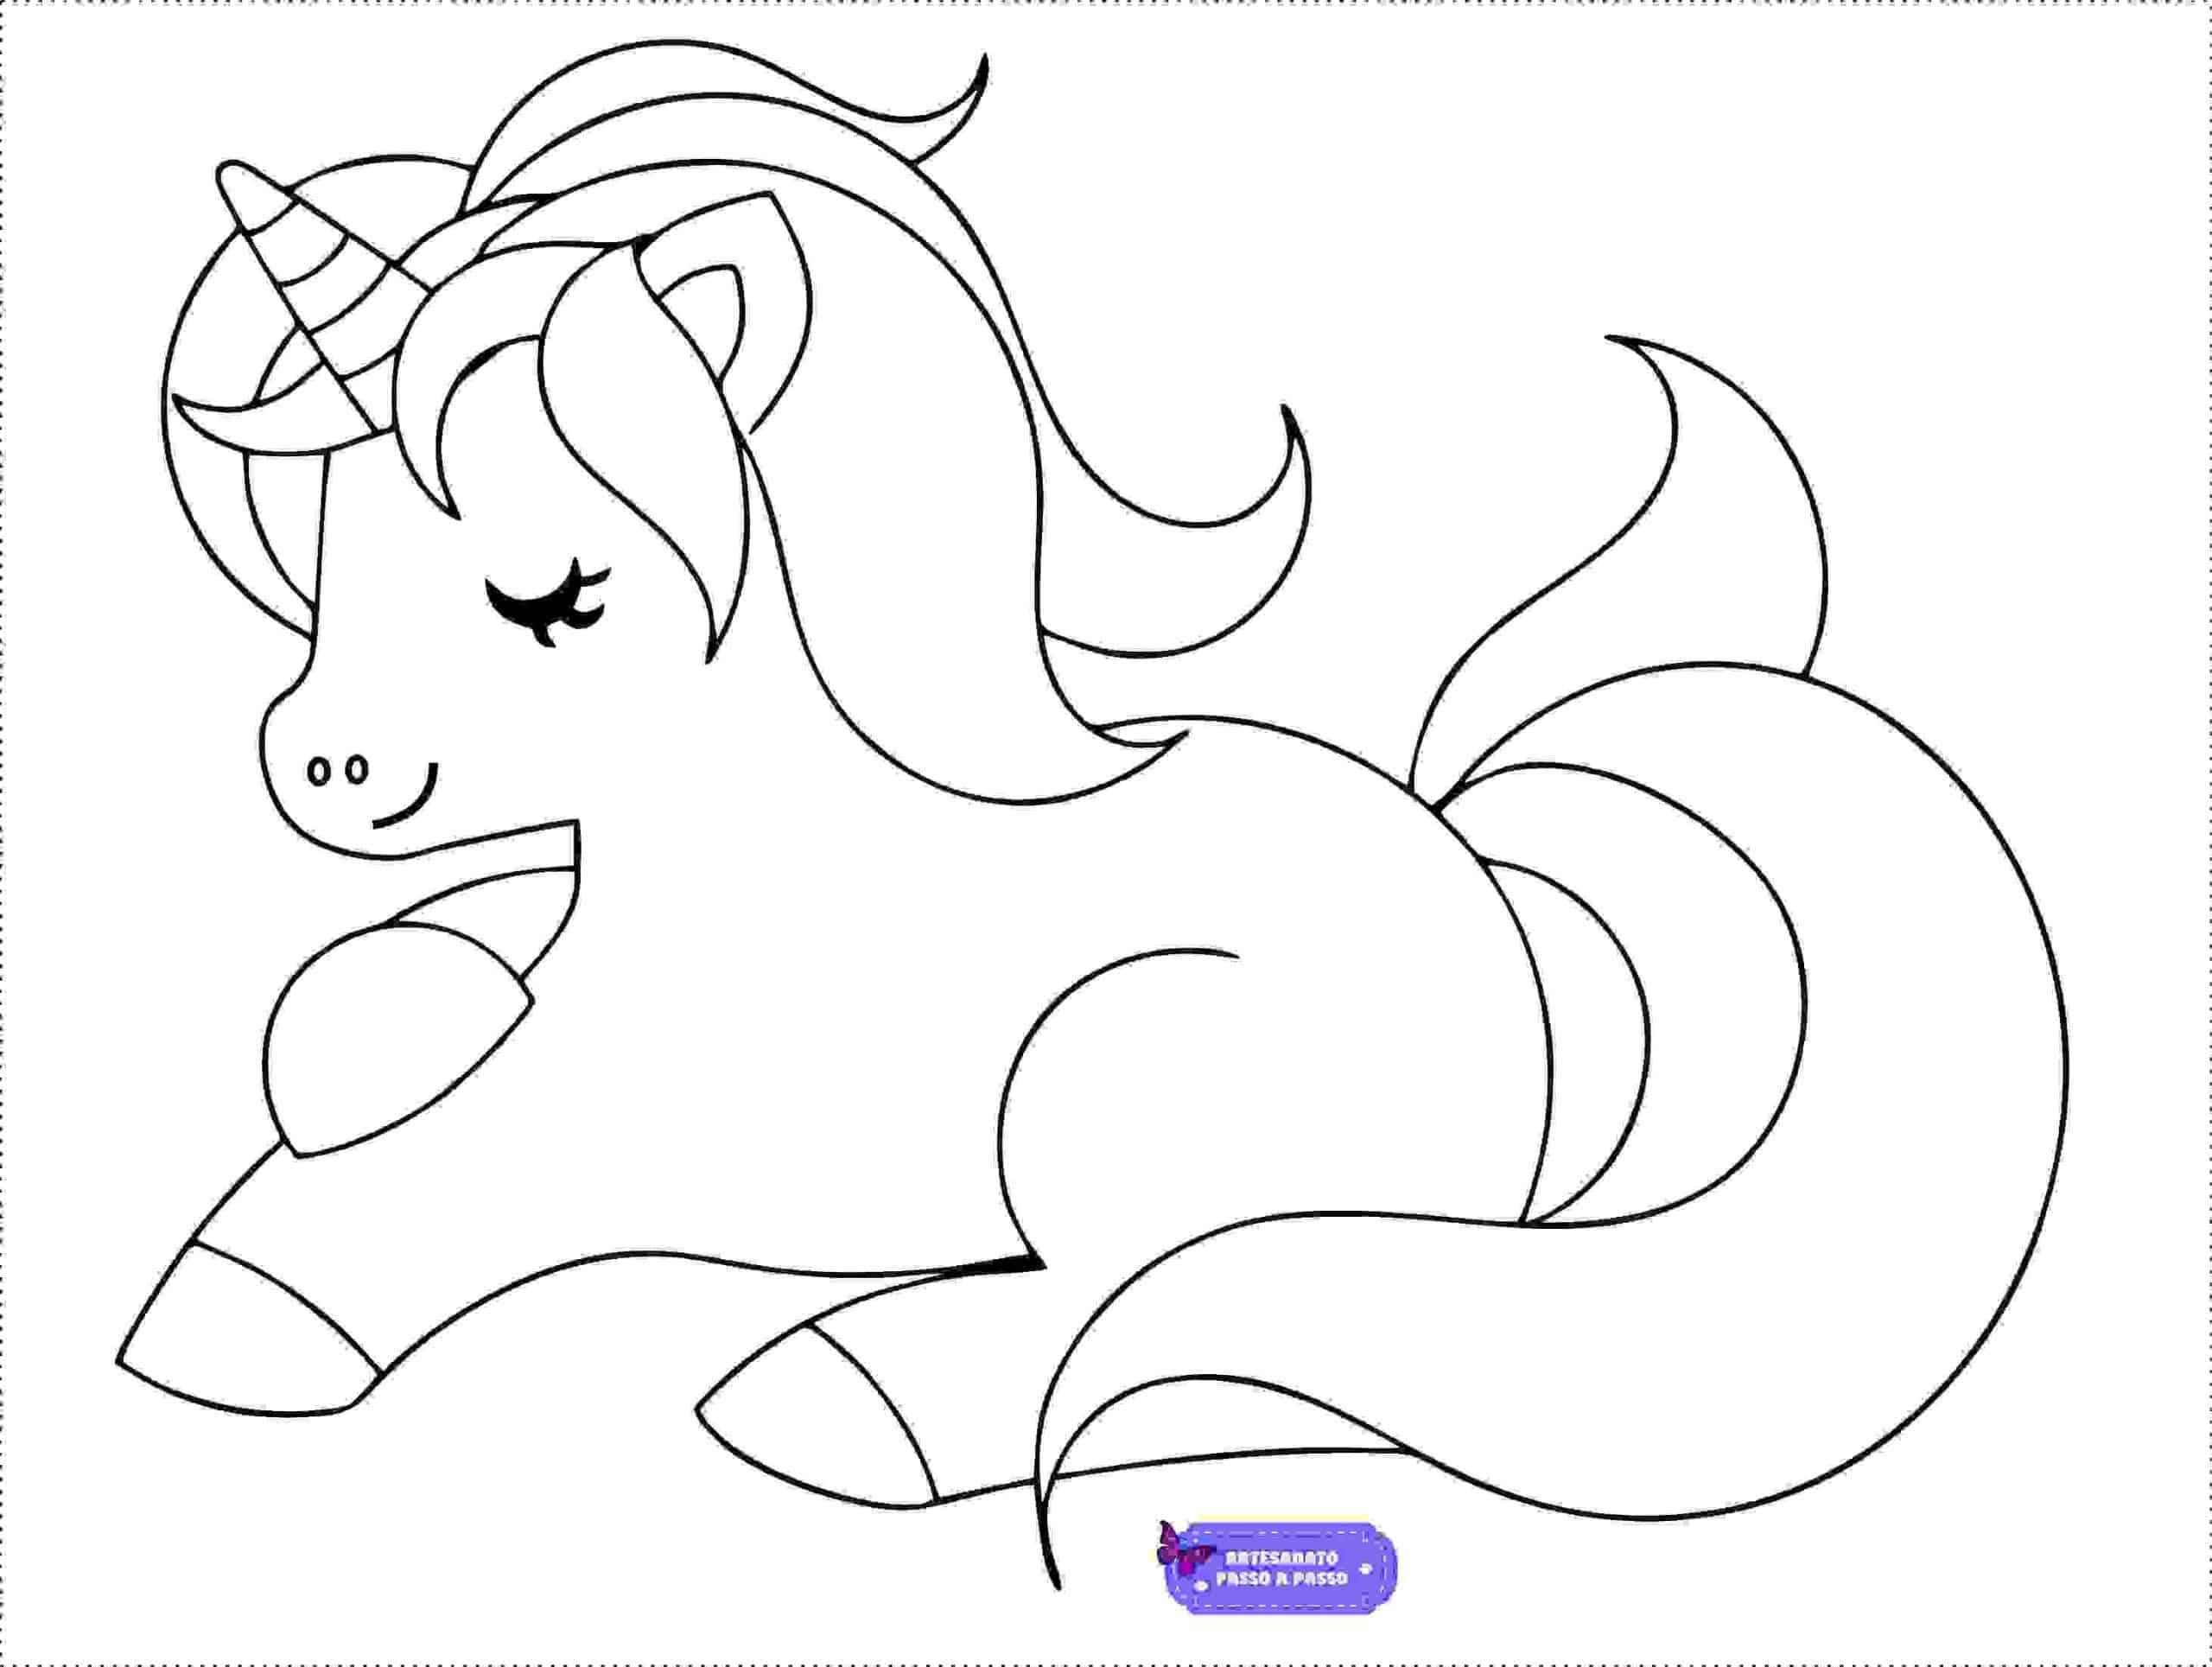 imagem de unicornio